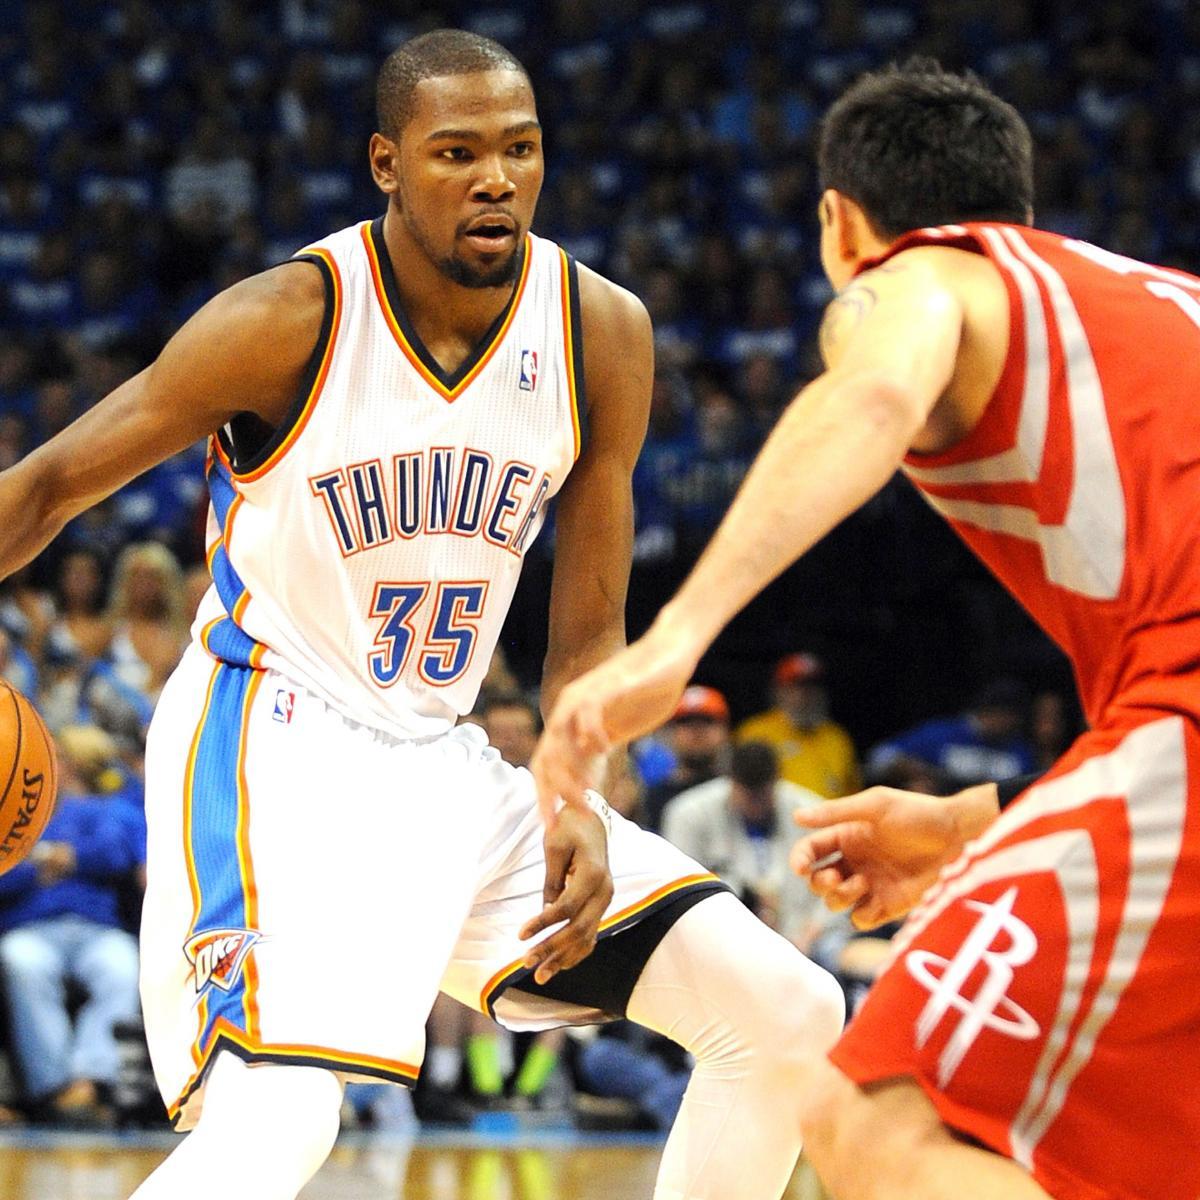 Houston Rockets Vs Oklahoma City Thunder: Houston Rockets Vs. OKC Thunder: Game 2 Preview, Schedule